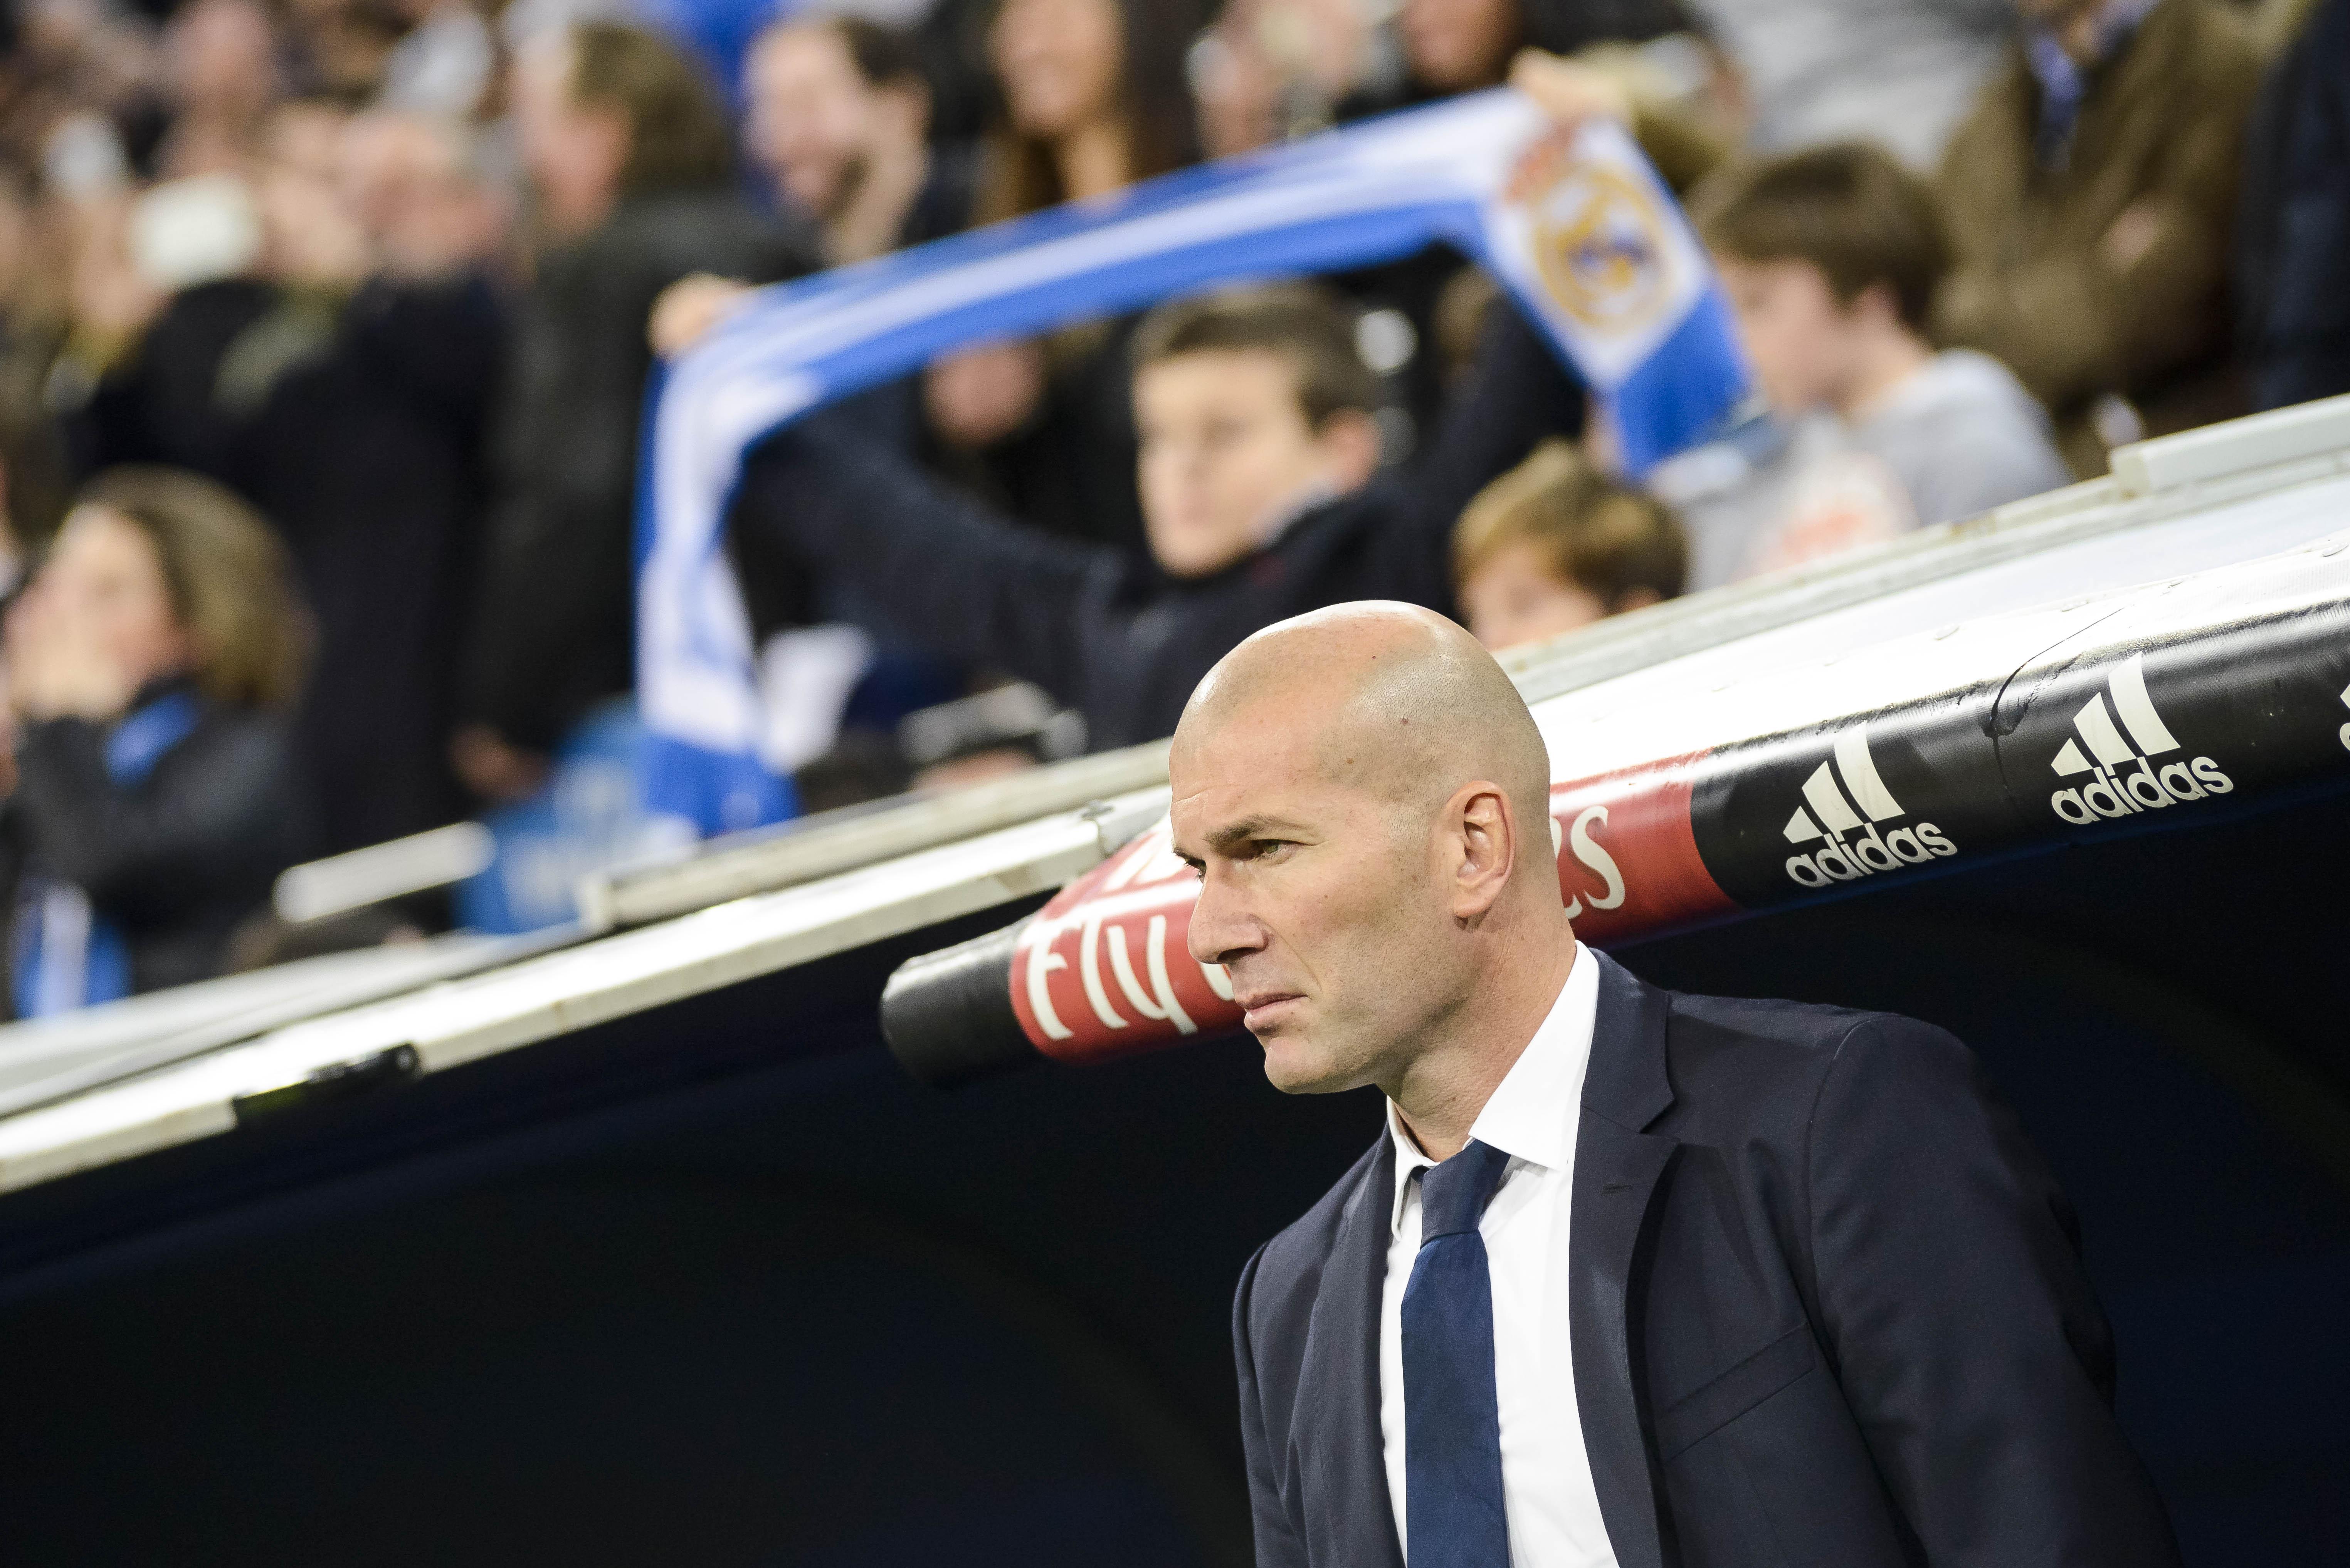 Coupe du monde des clubs un nouveau titre pour zidane et le real football - Coupe du monde des clubs 2009 ...